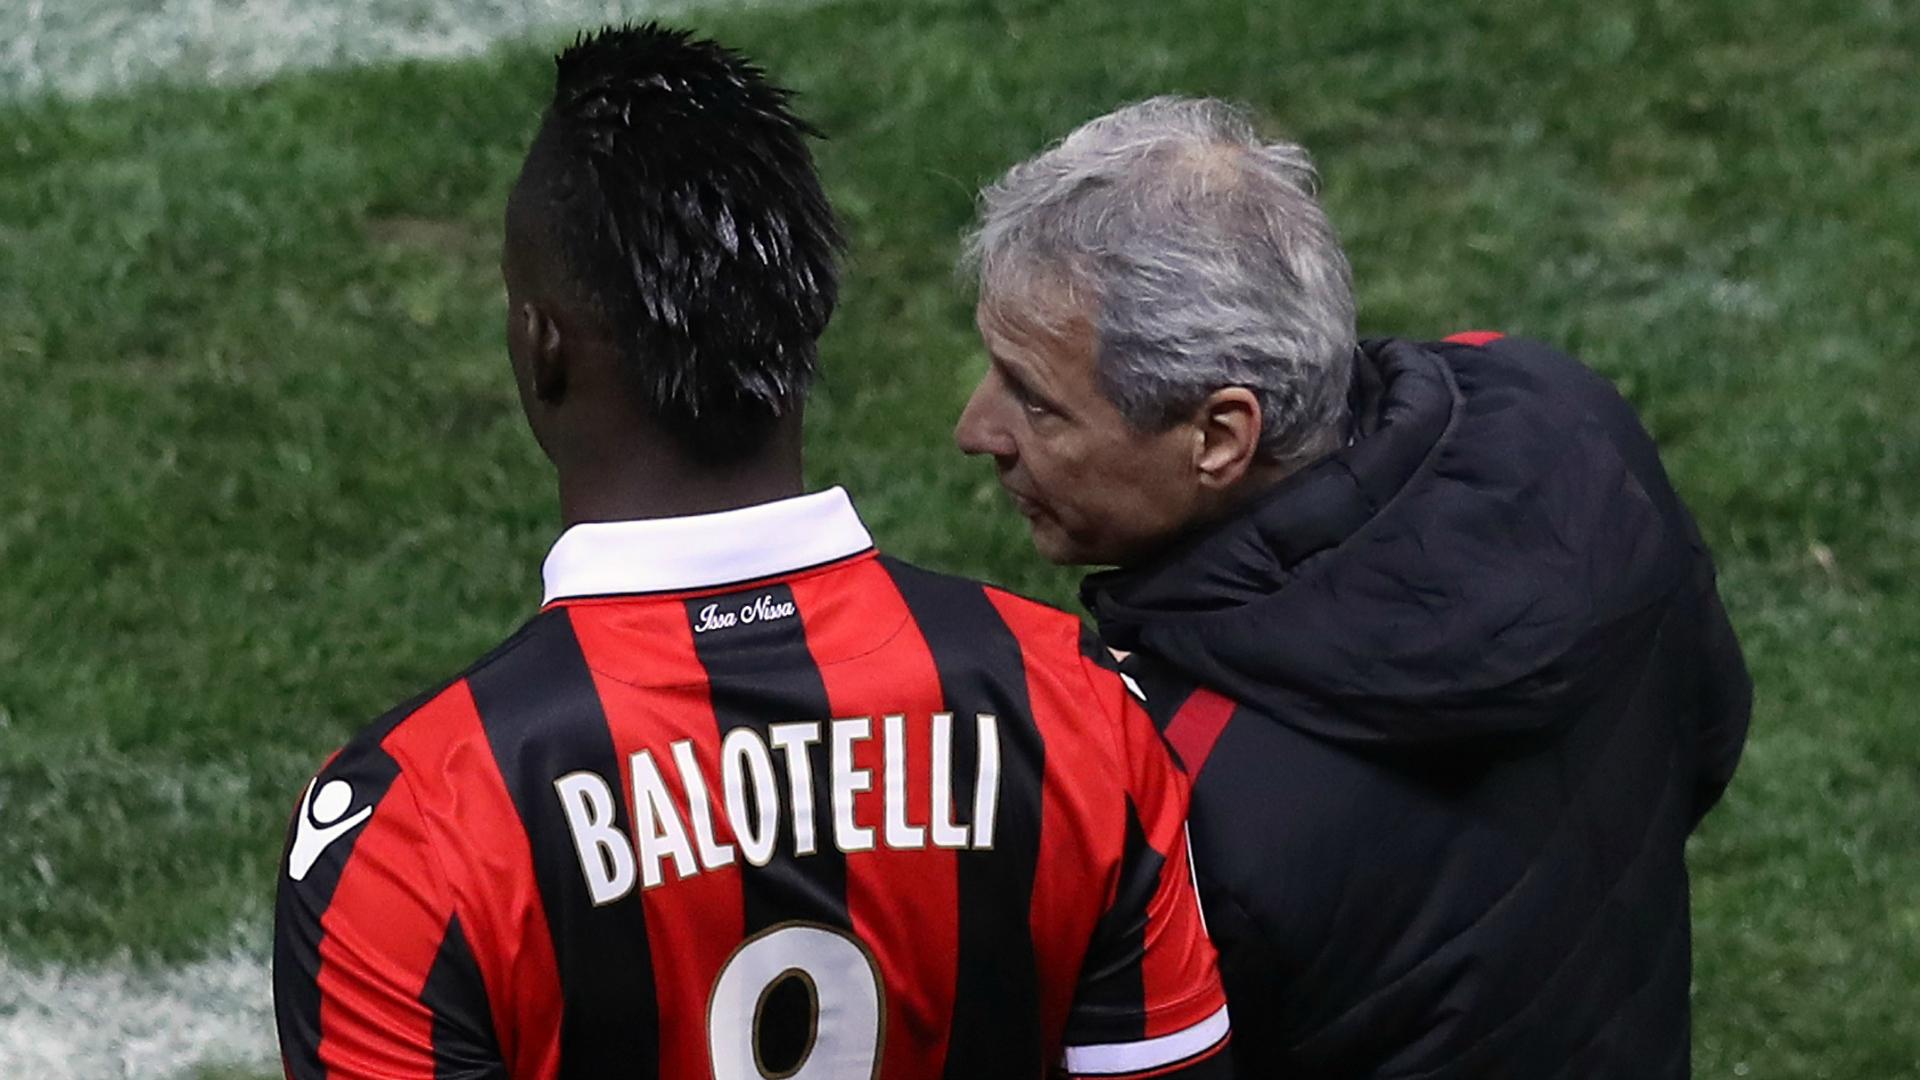 Balotelli Praises Pogba and Ibra